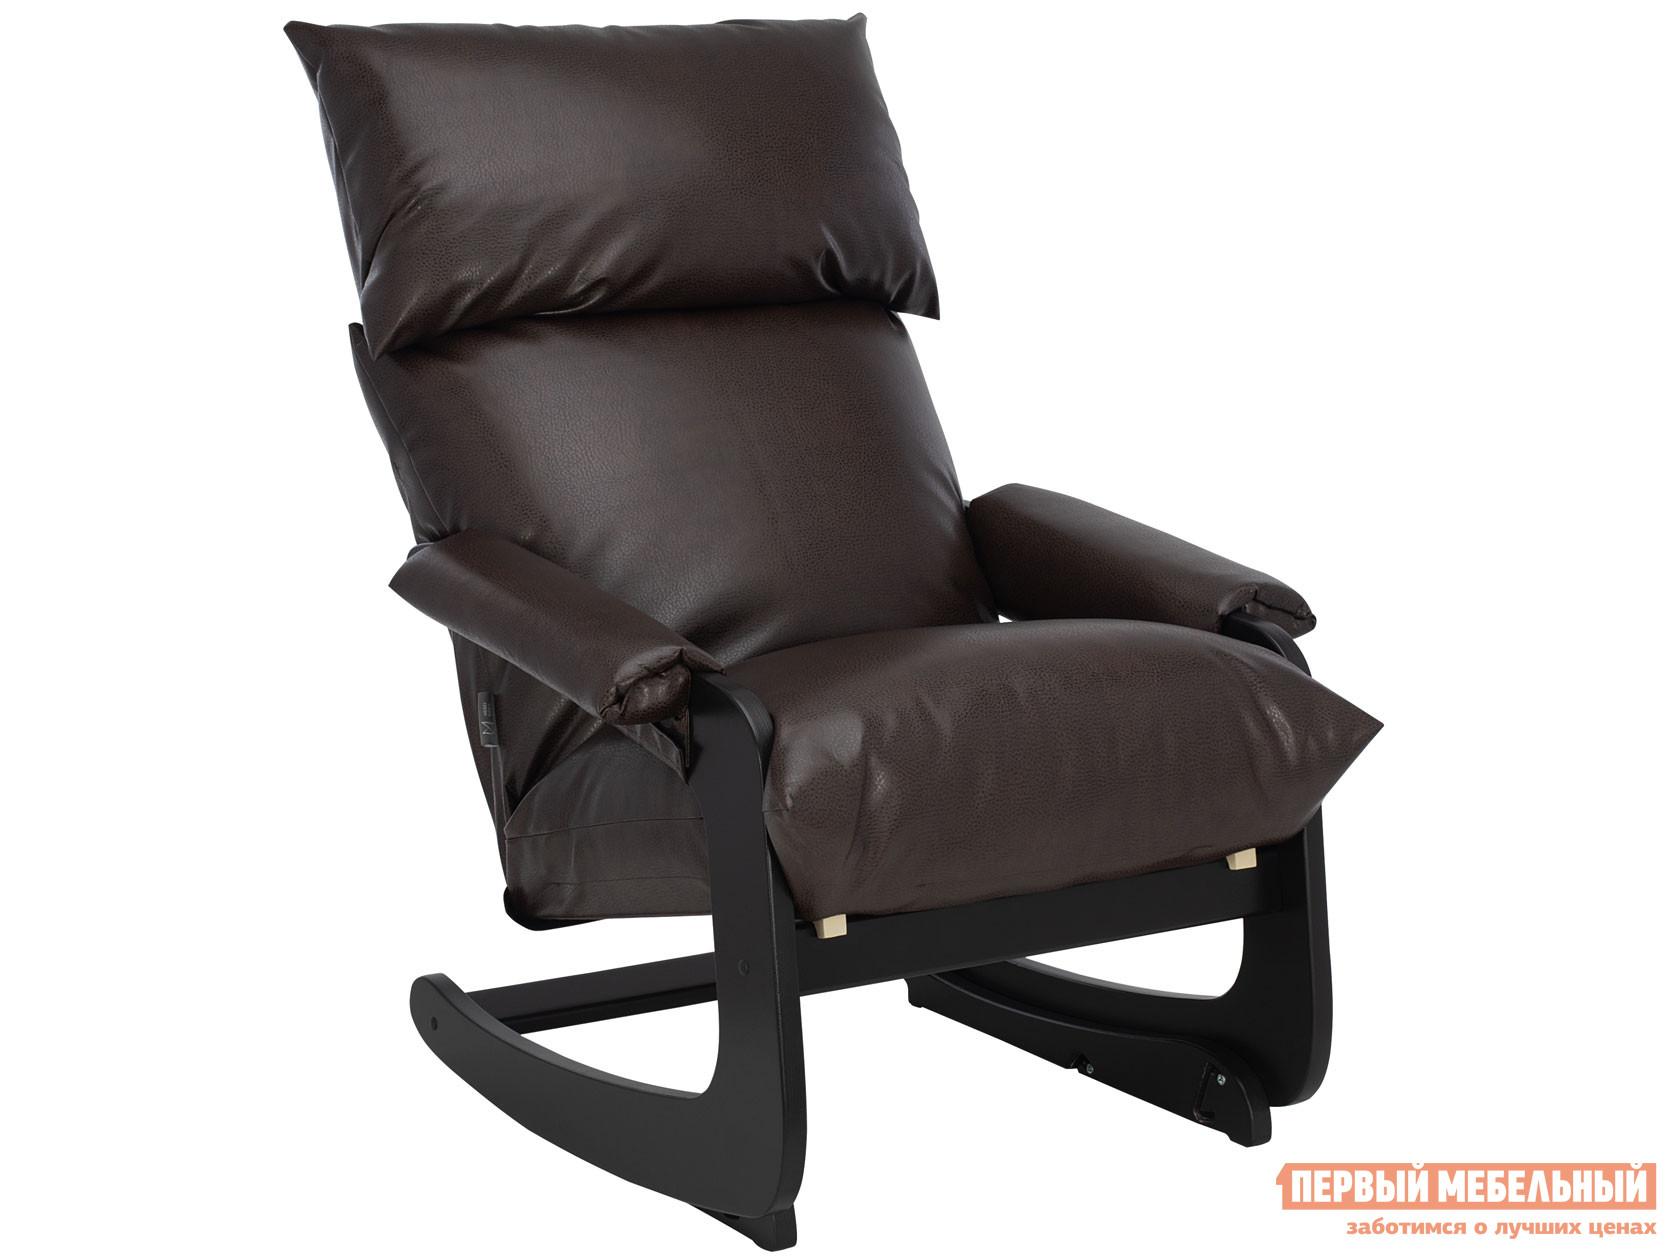 Кресло-качалка  Кьянти Венге, Vegas Lite Amber, иск. кожа Мебель Импэкс 102664